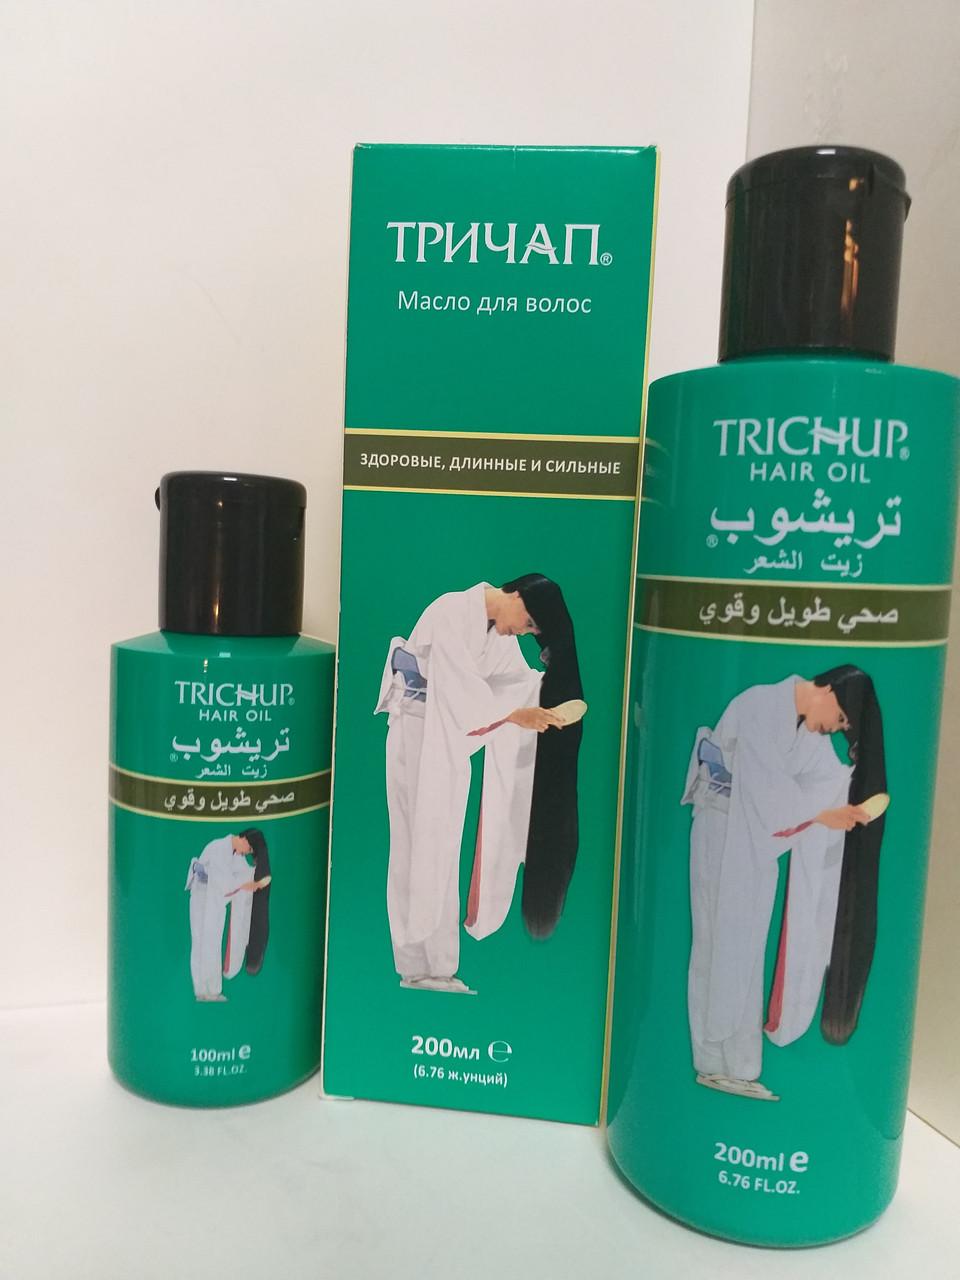 Тричап масло - Здоровые, Длинные и Сильные (Trichup Oil Healthy, Long ) 100мл